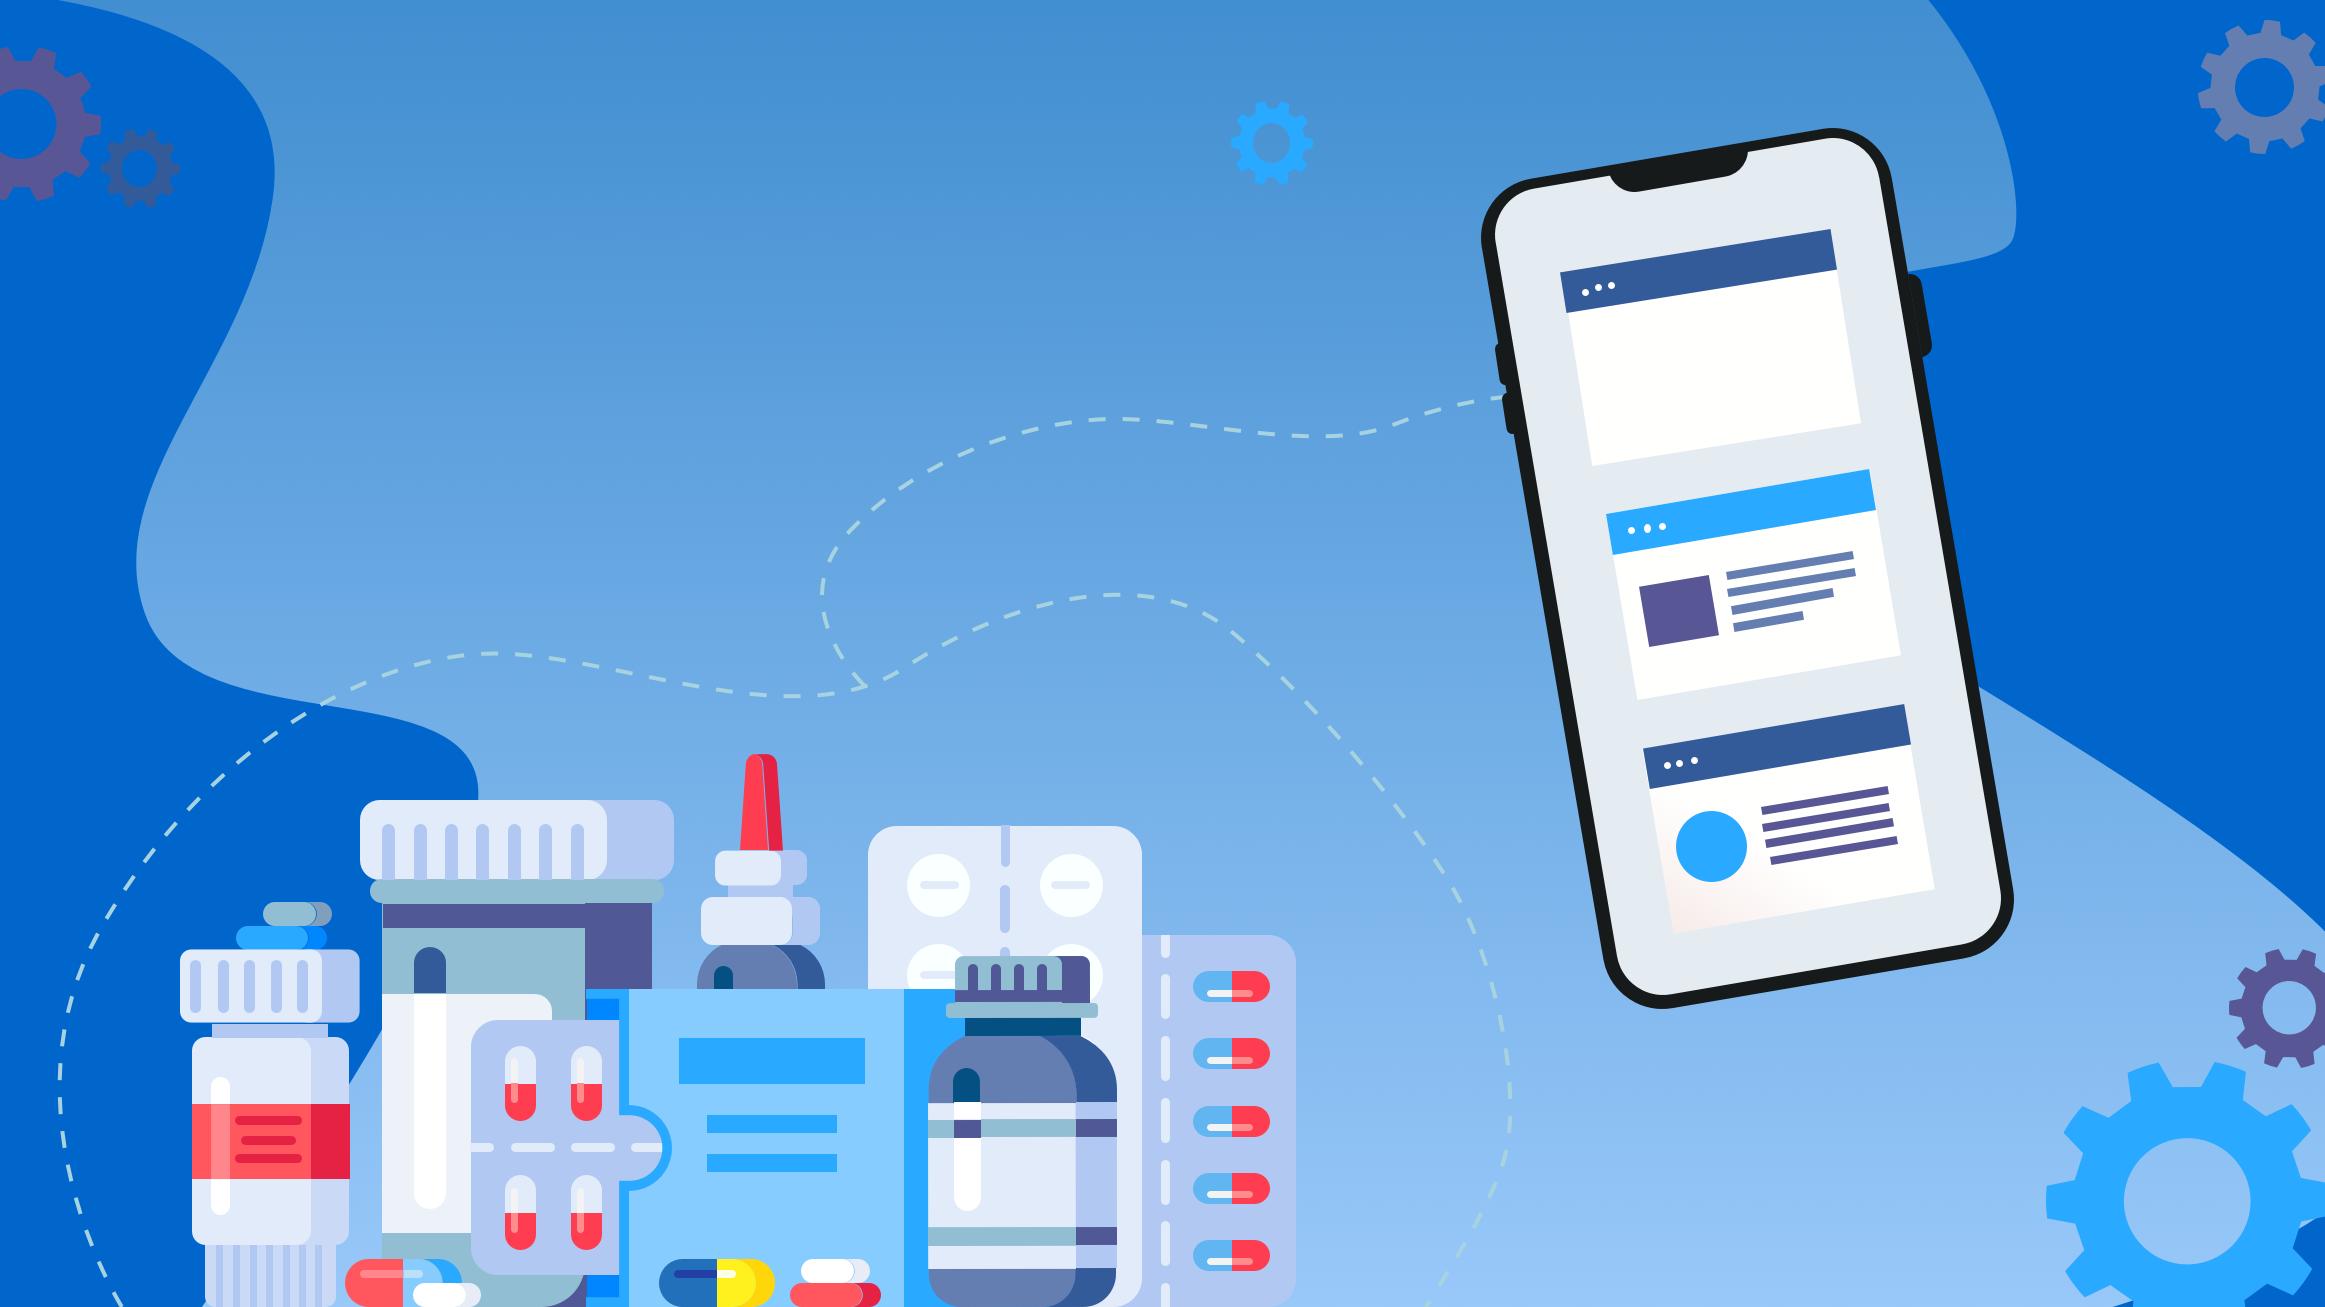 Este fármaco es un timo: la app que detecta medicamentos falsificados  gracias al aprendizaje de máquinas